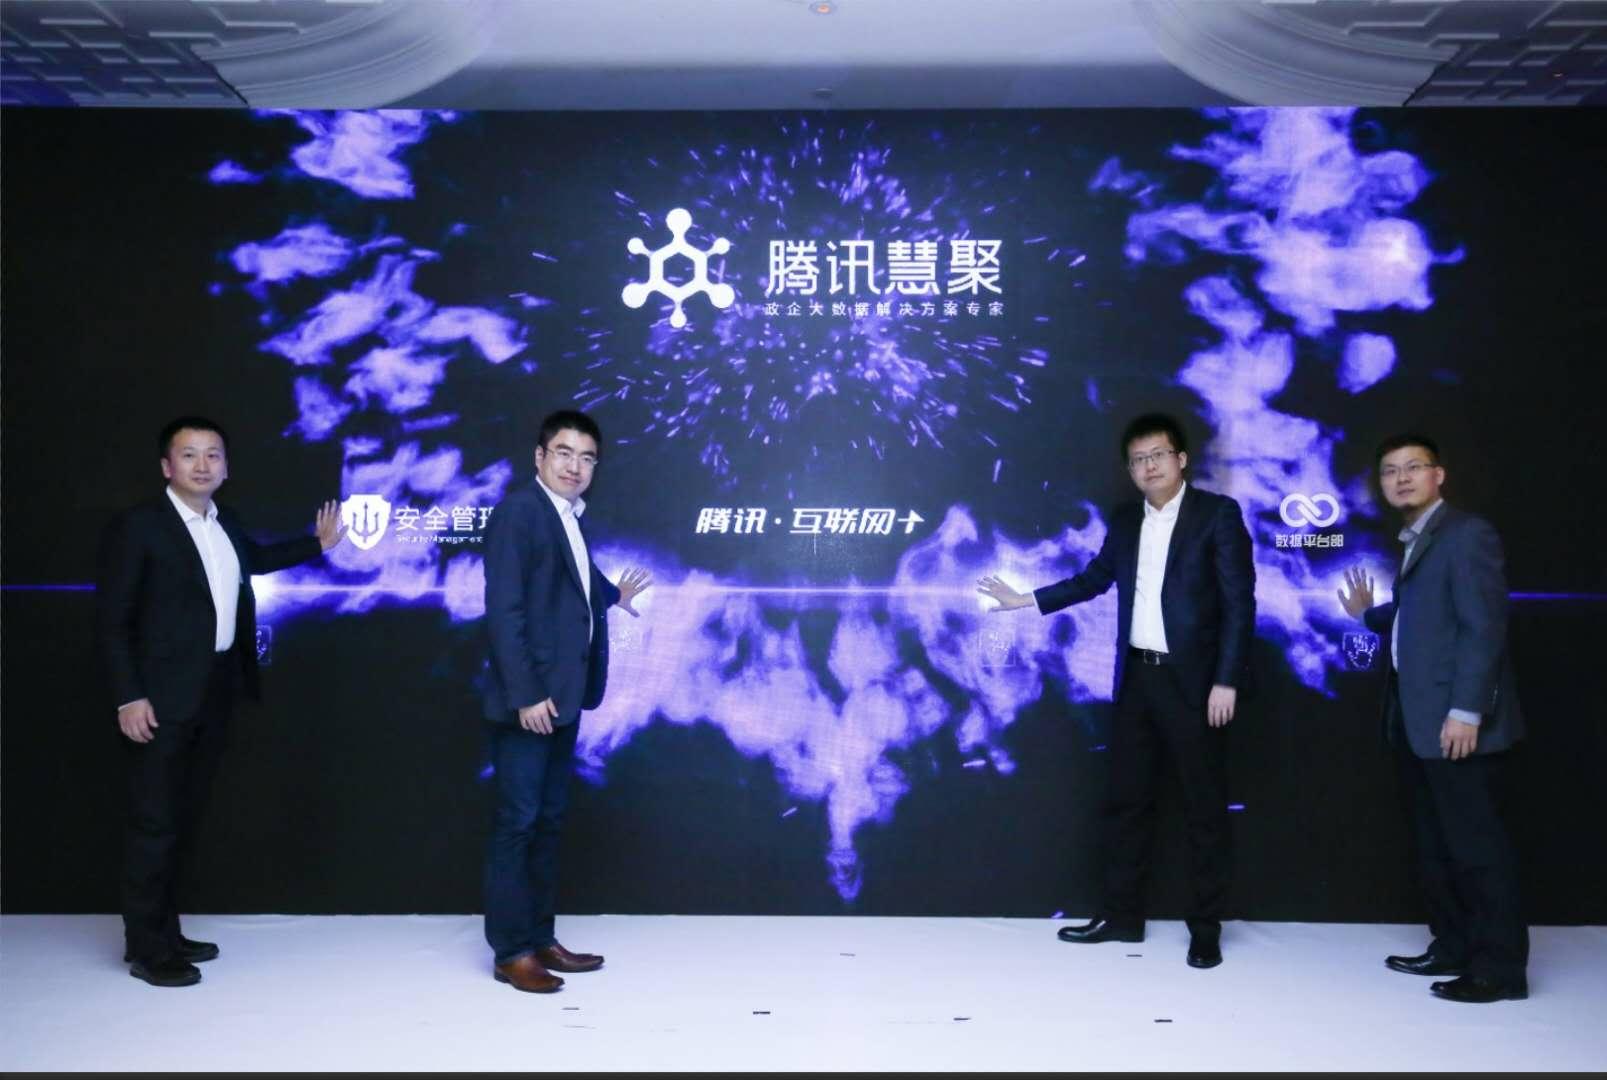 """""""腾讯慧聚""""成为腾讯大数据品牌"""